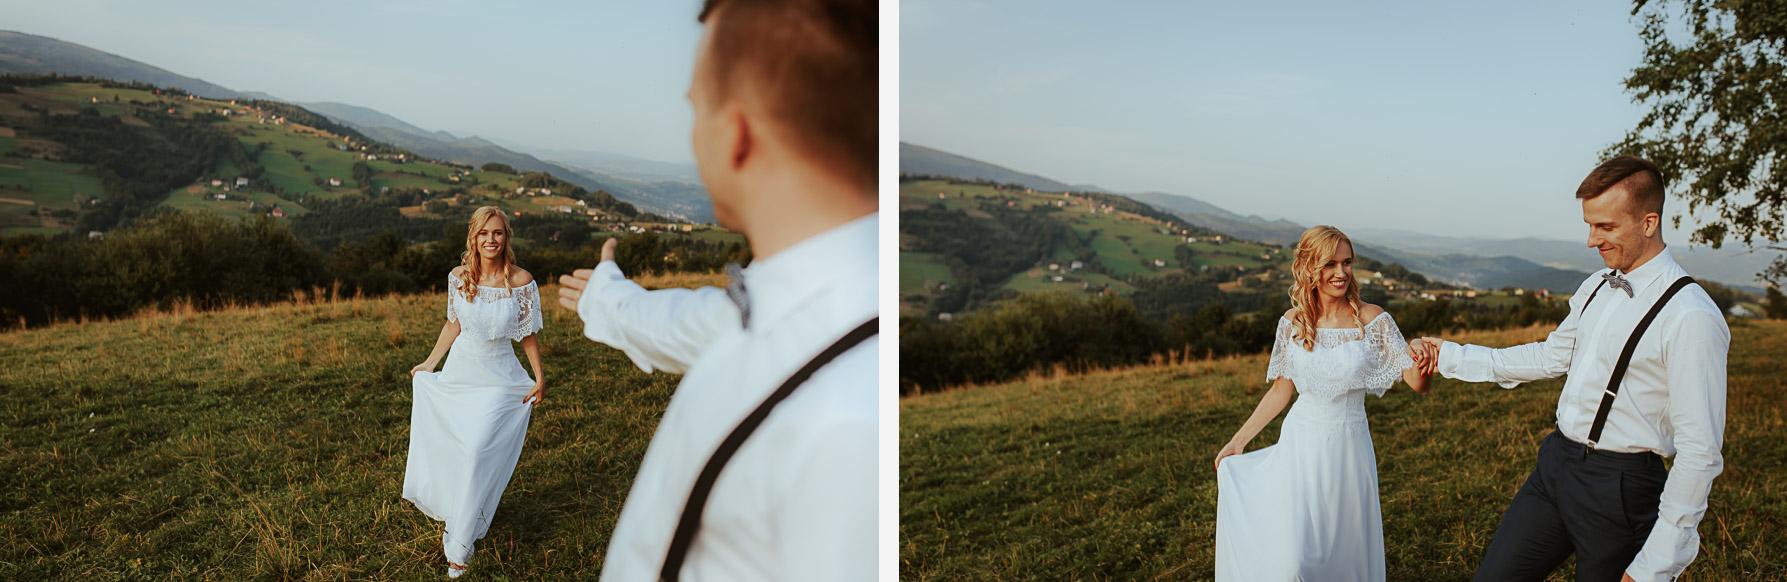 Plener Ślubny w górach 163 40v